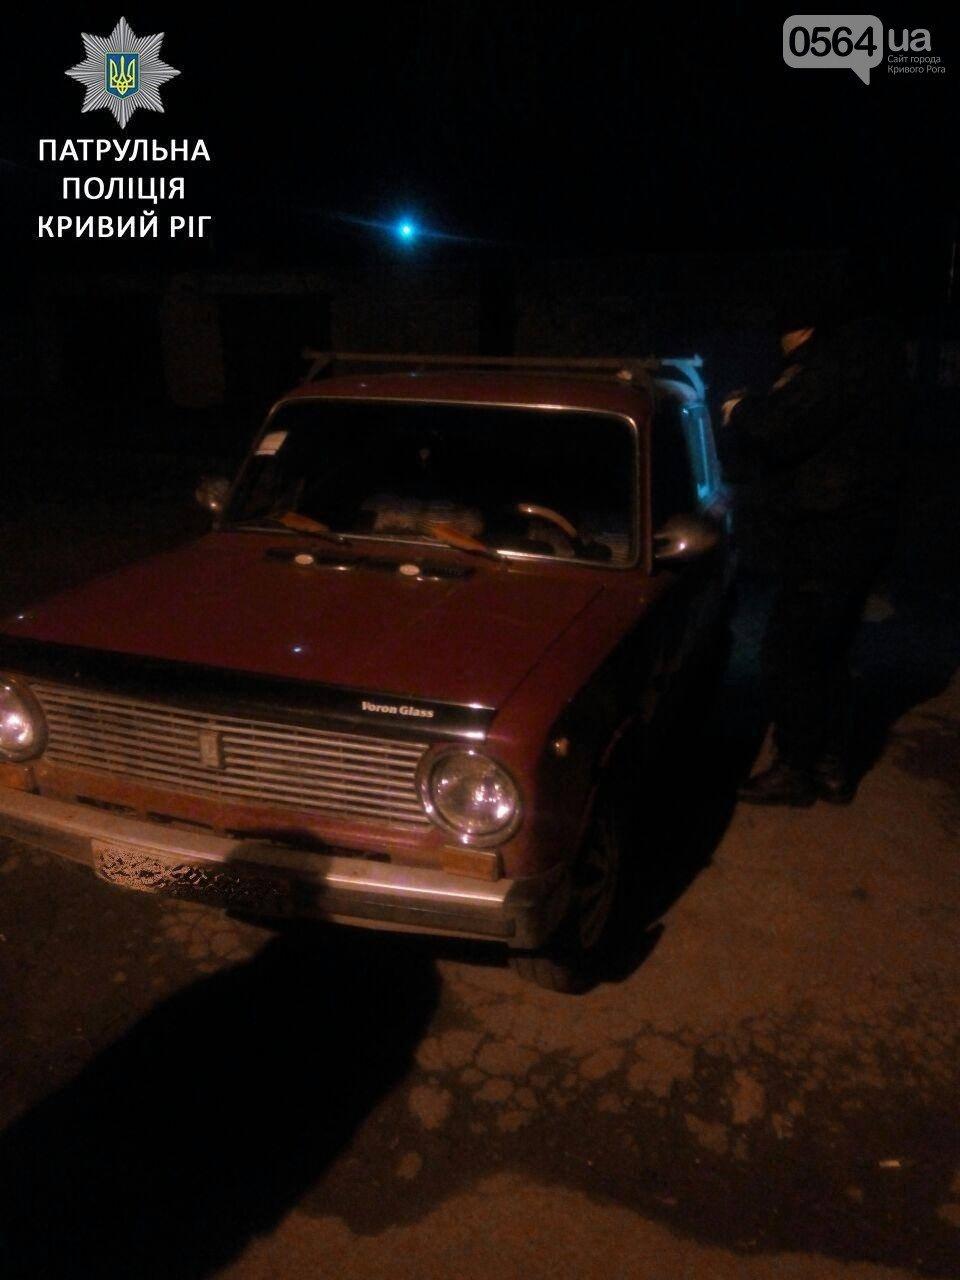 В Кривом Роге: заявили о захвате стратегического объекта, работники СТО обнаружили гранату, нашли автоугонщика , фото-3